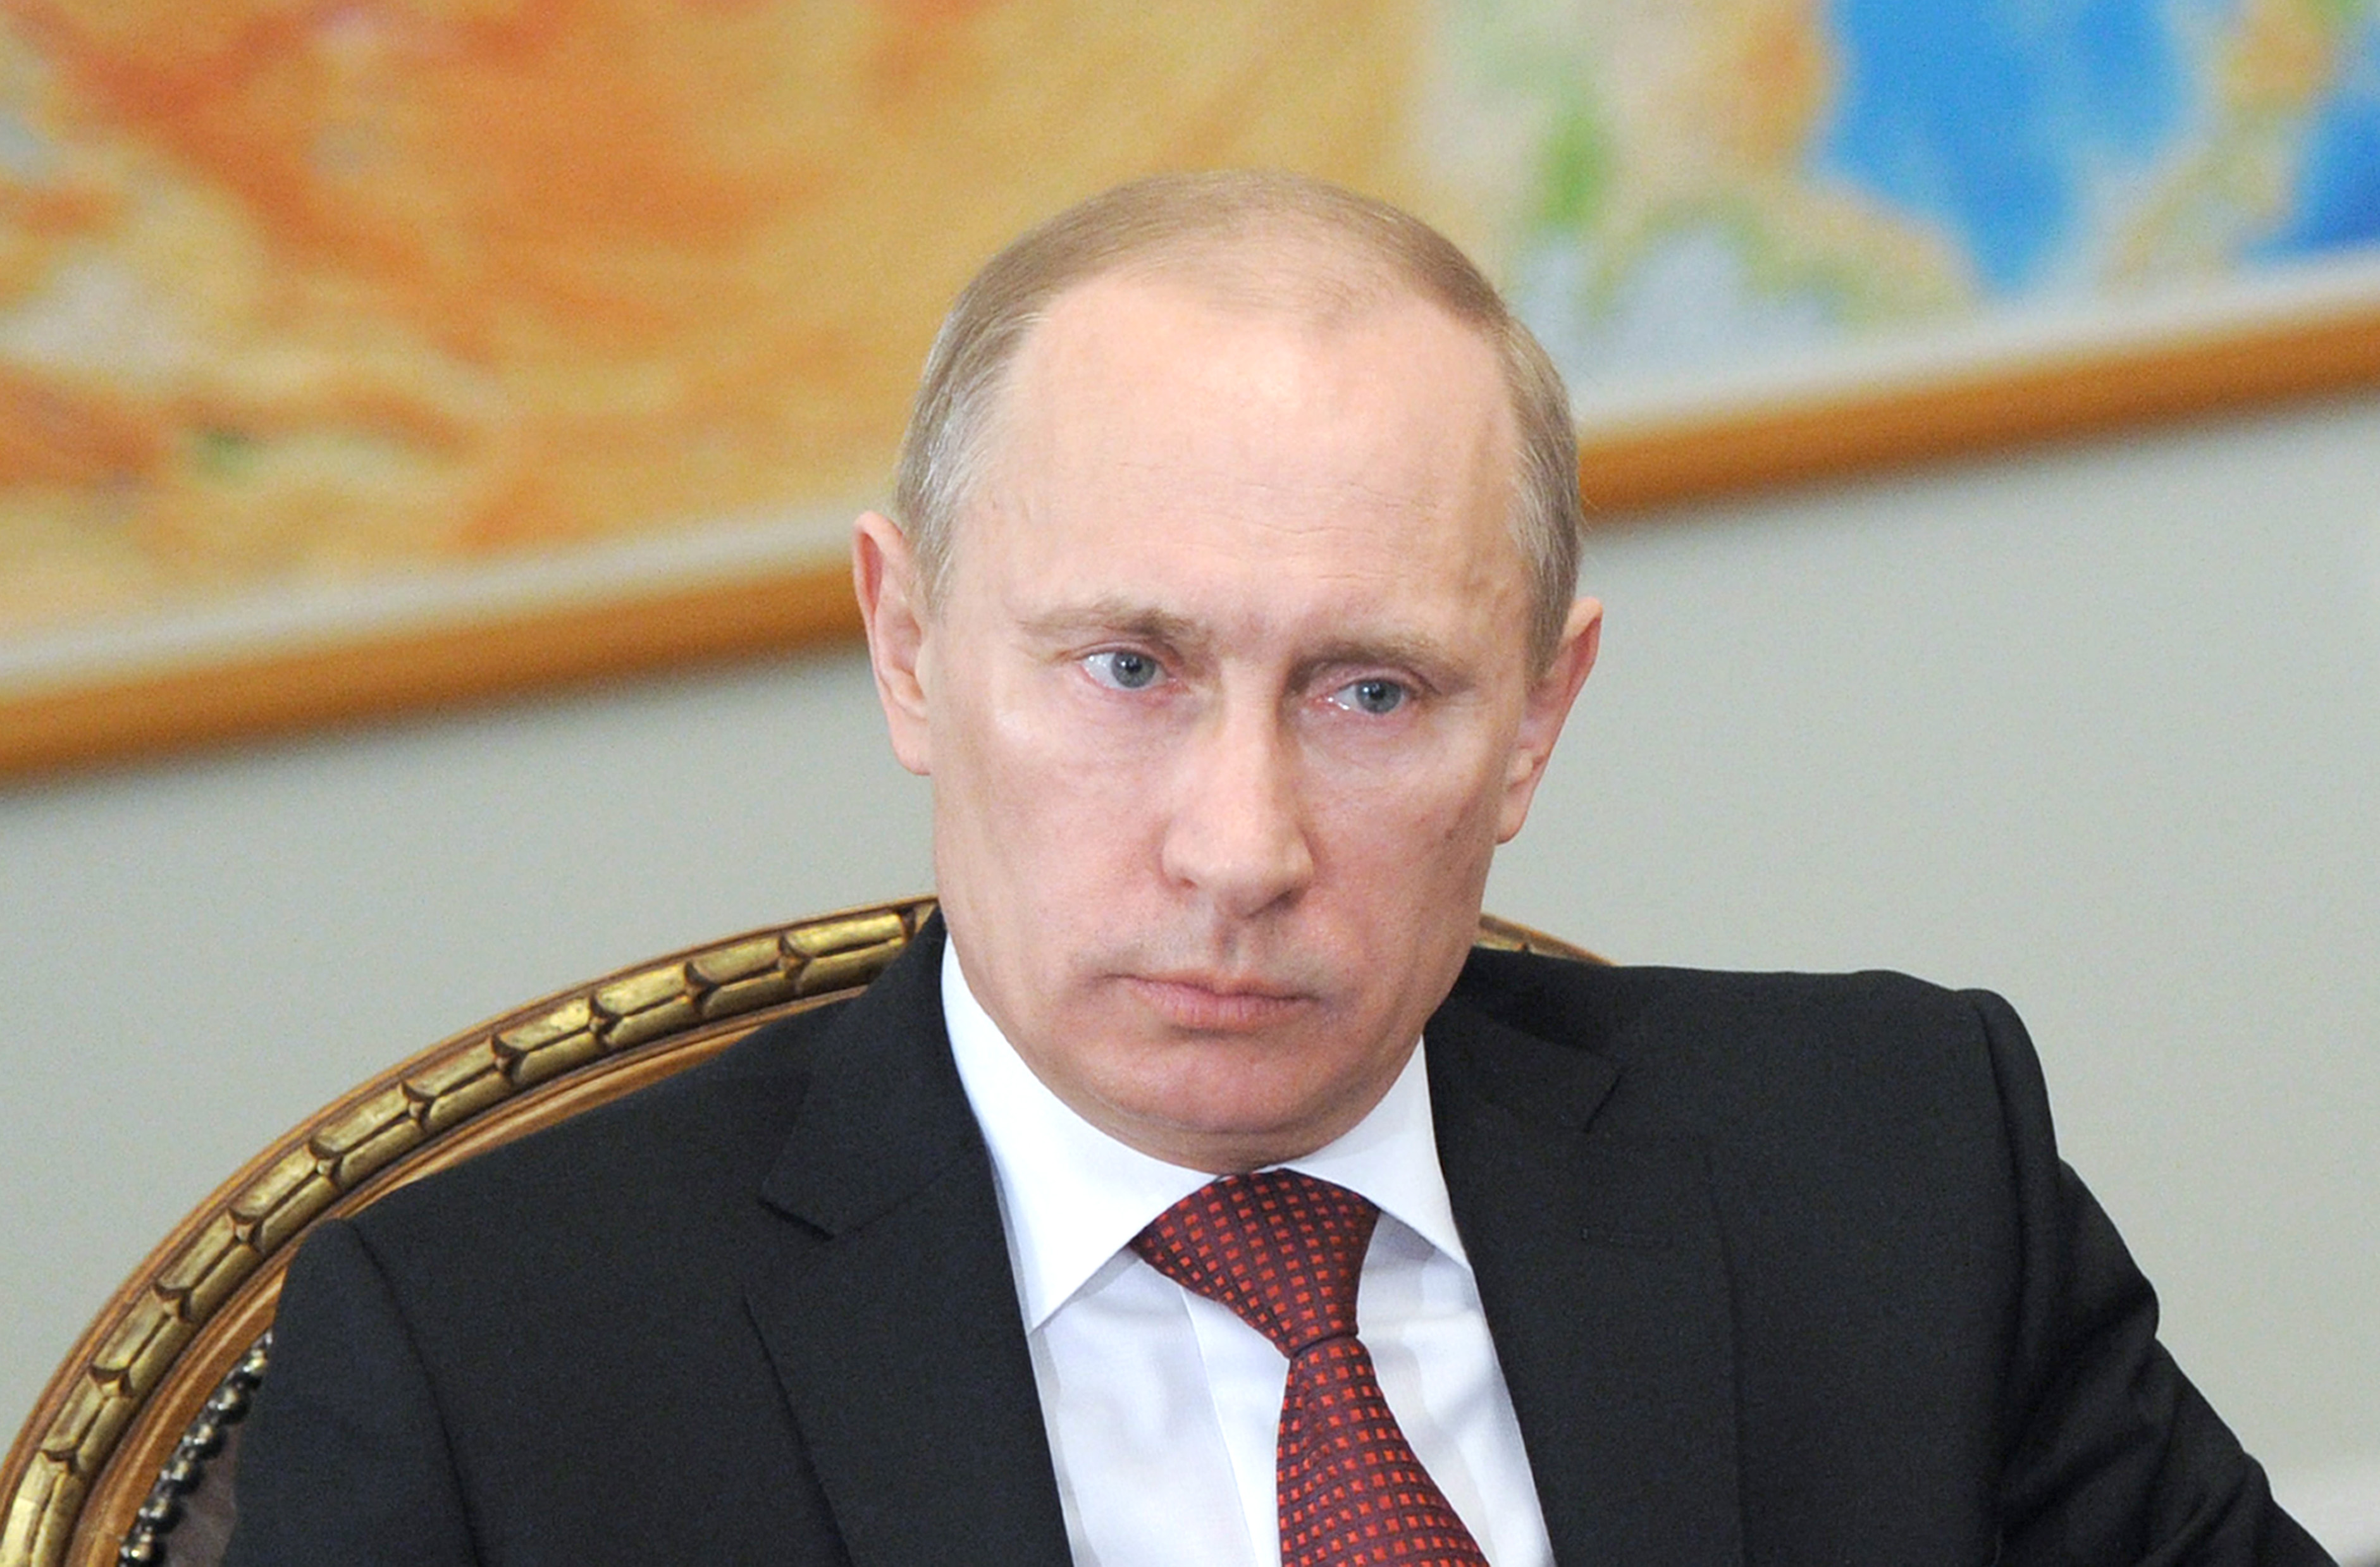 Antwort auf Nato-Aufrüstung: Putin unterschreibt neue russische Militär-Doktrin